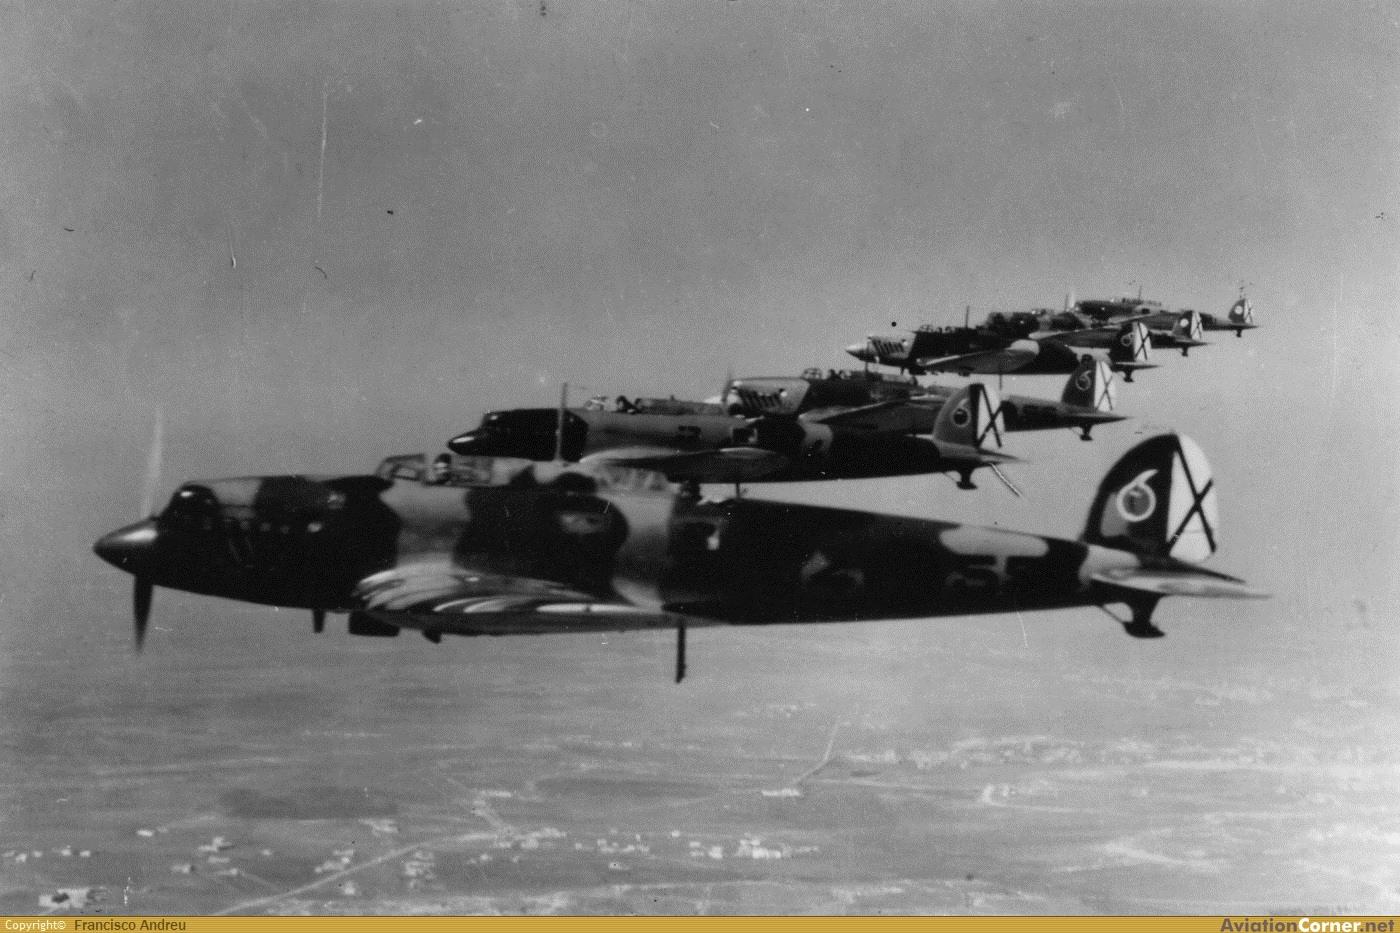 Heinkel He 70 Quot Blitz Quot Bombers Amp Attackers War Thunder